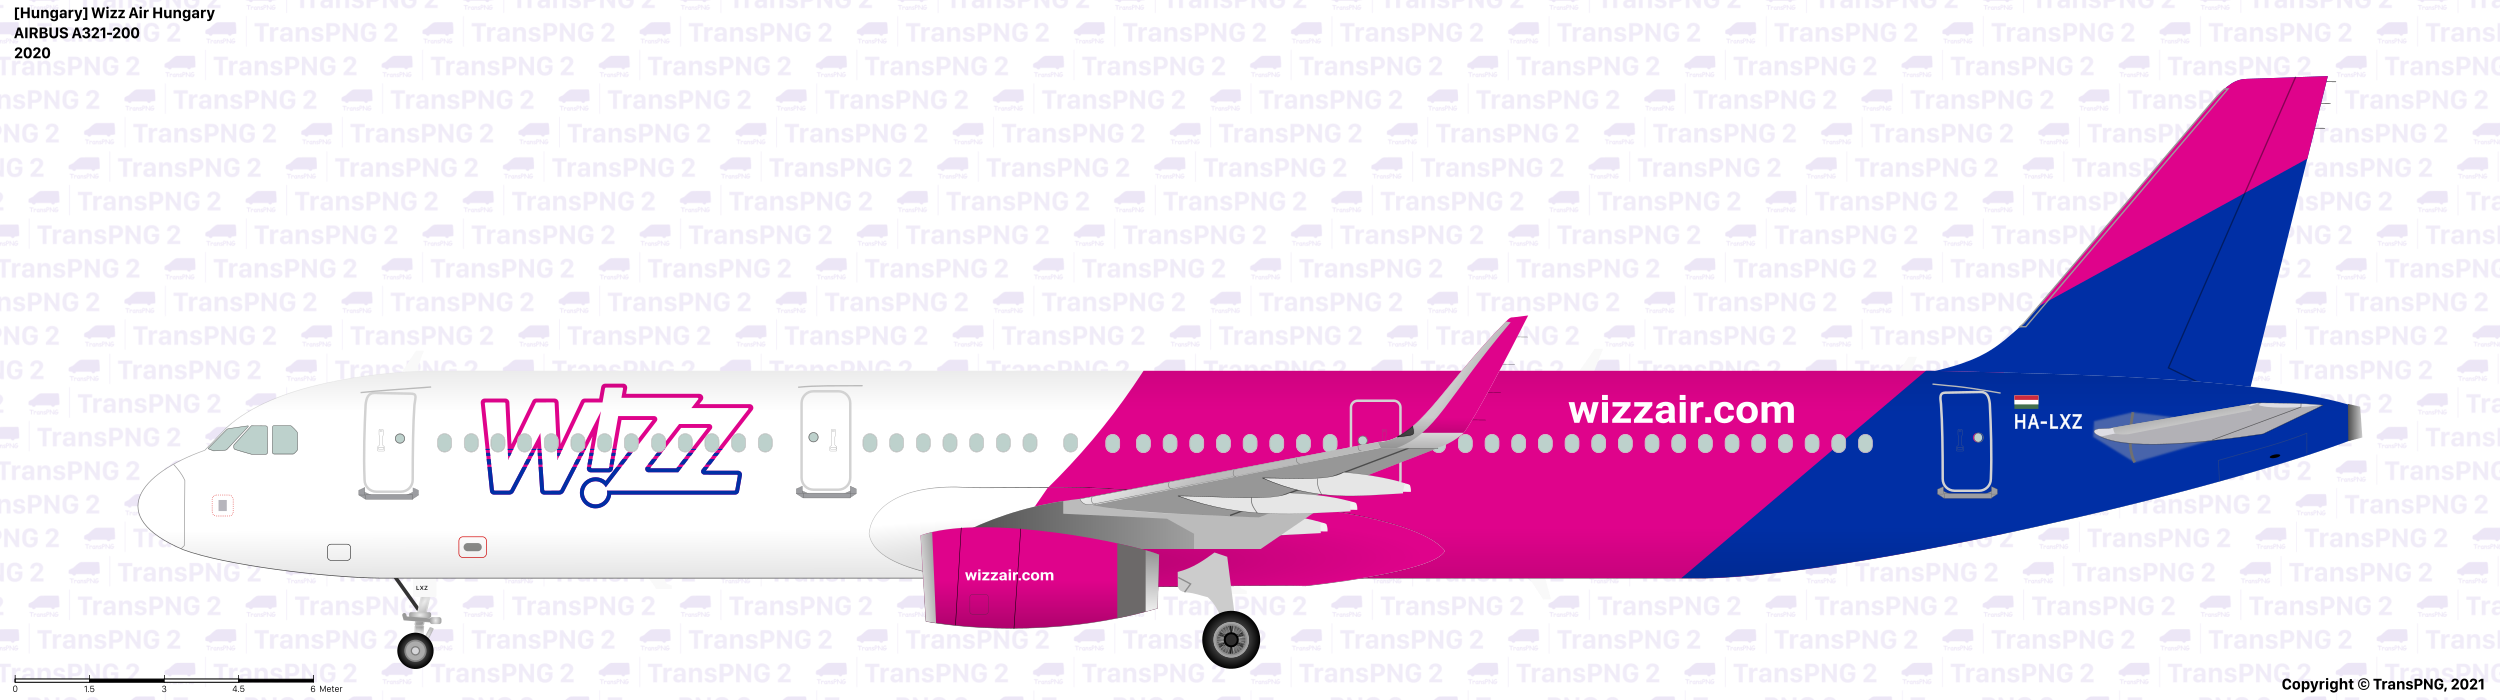 TransPNG.net | 分享世界各地多種交通工具的優秀繪圖 - 飛機 25135